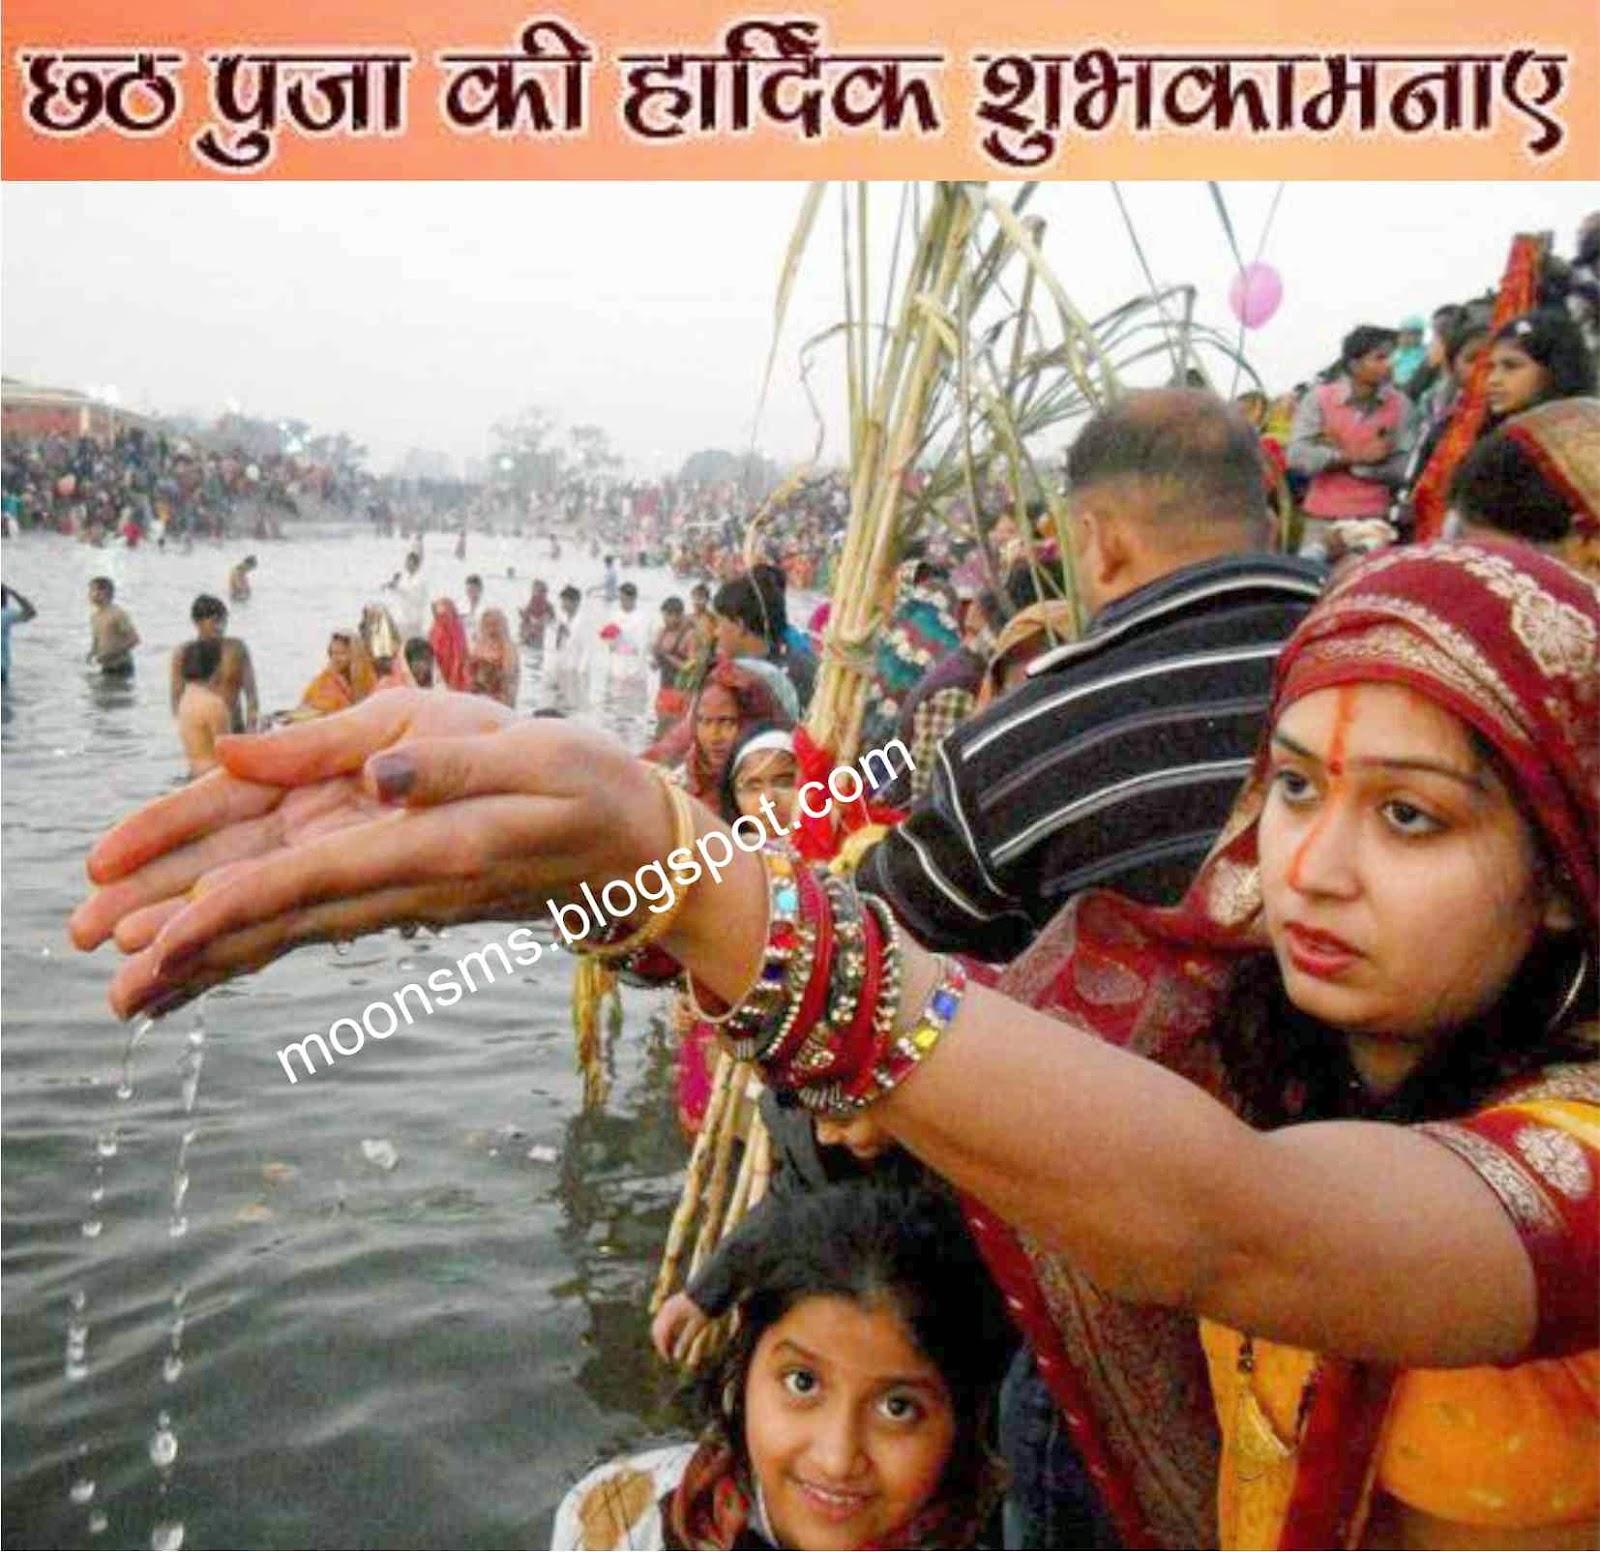 Chhath Puja Ki Hardik Shubhkamnayein Celebrations